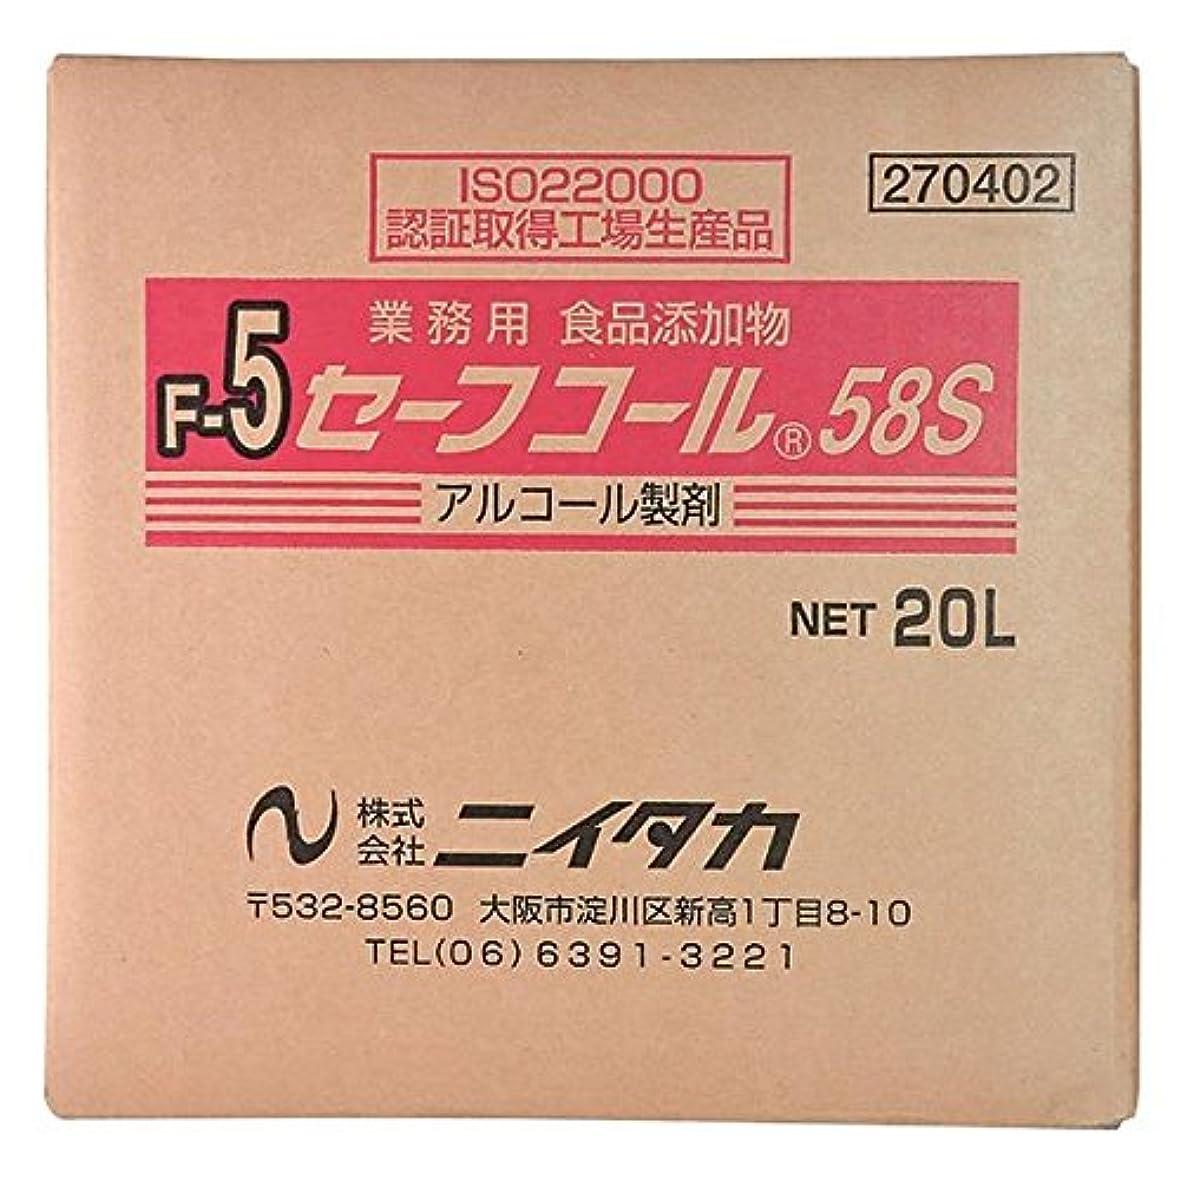 馬力ガスショットニイタカ:セーフコール58S(F-5) 20L(BIB) 270402